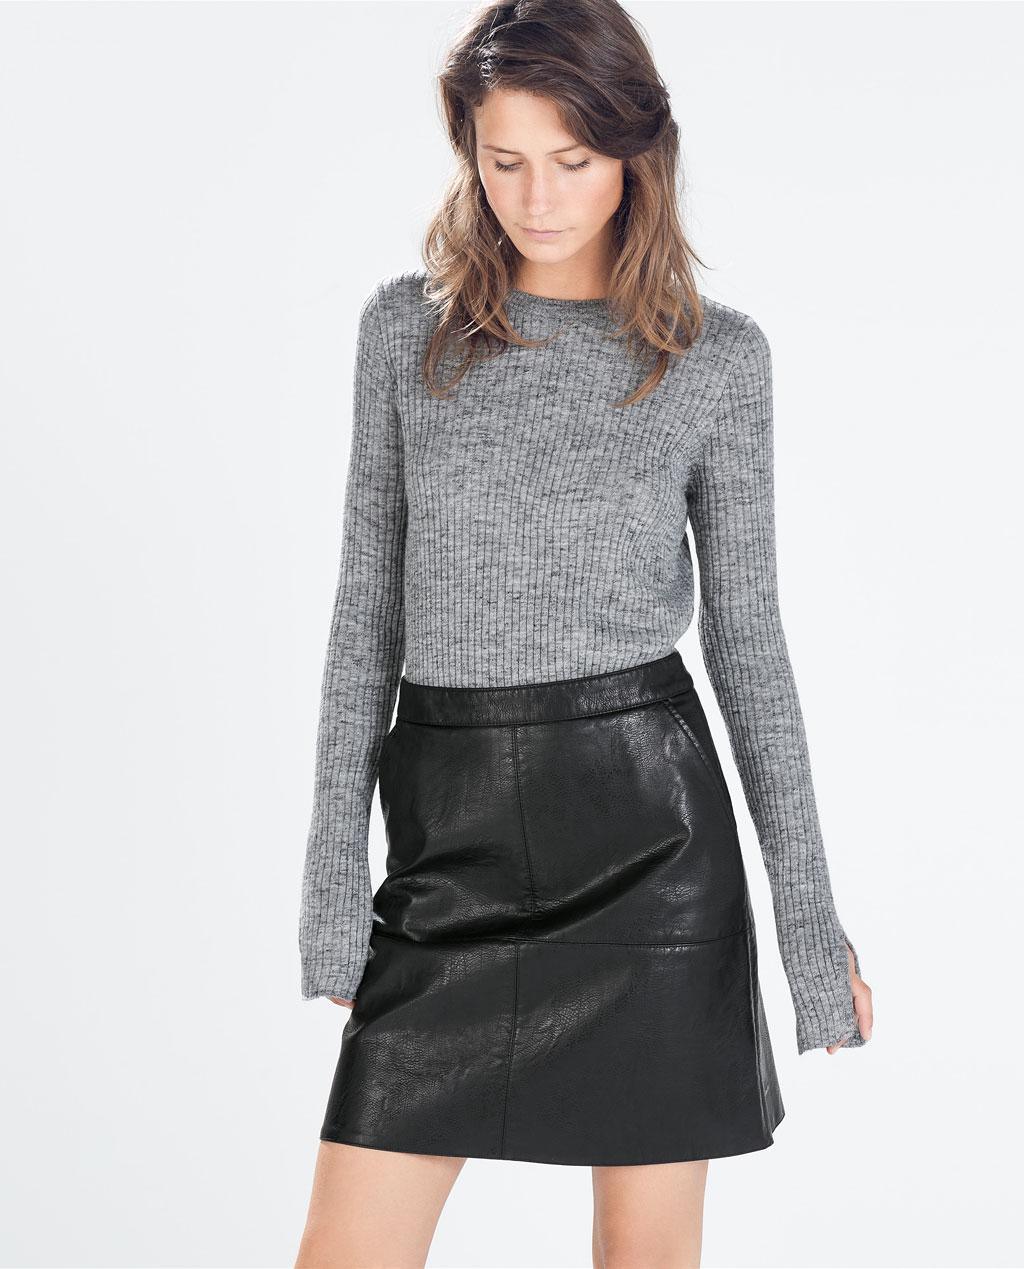 black aline leather mini skirt Zara | SISTER CODE